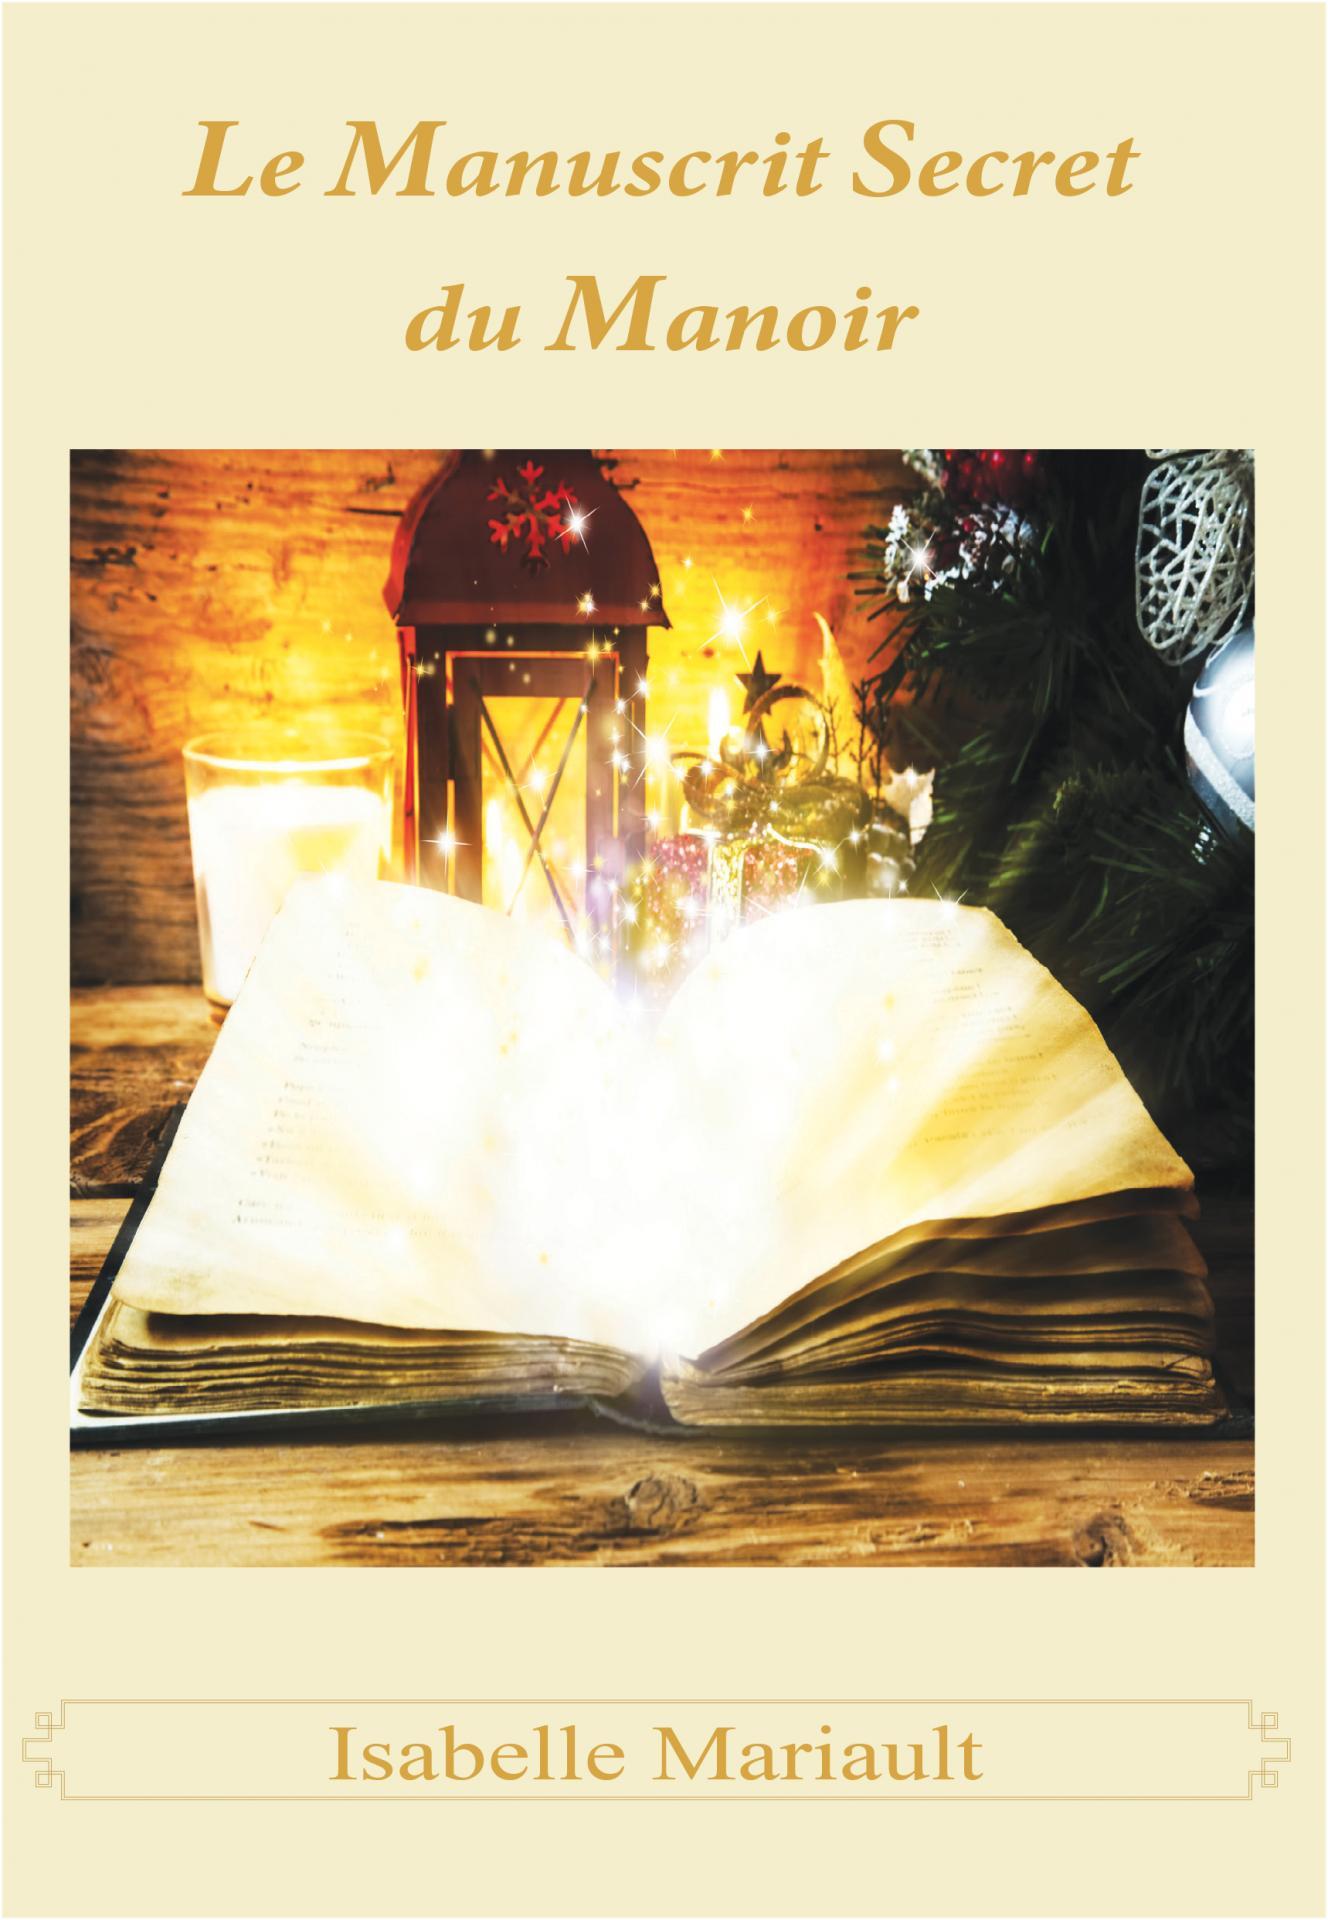 Le manuscrit secret du manoir 1decouv